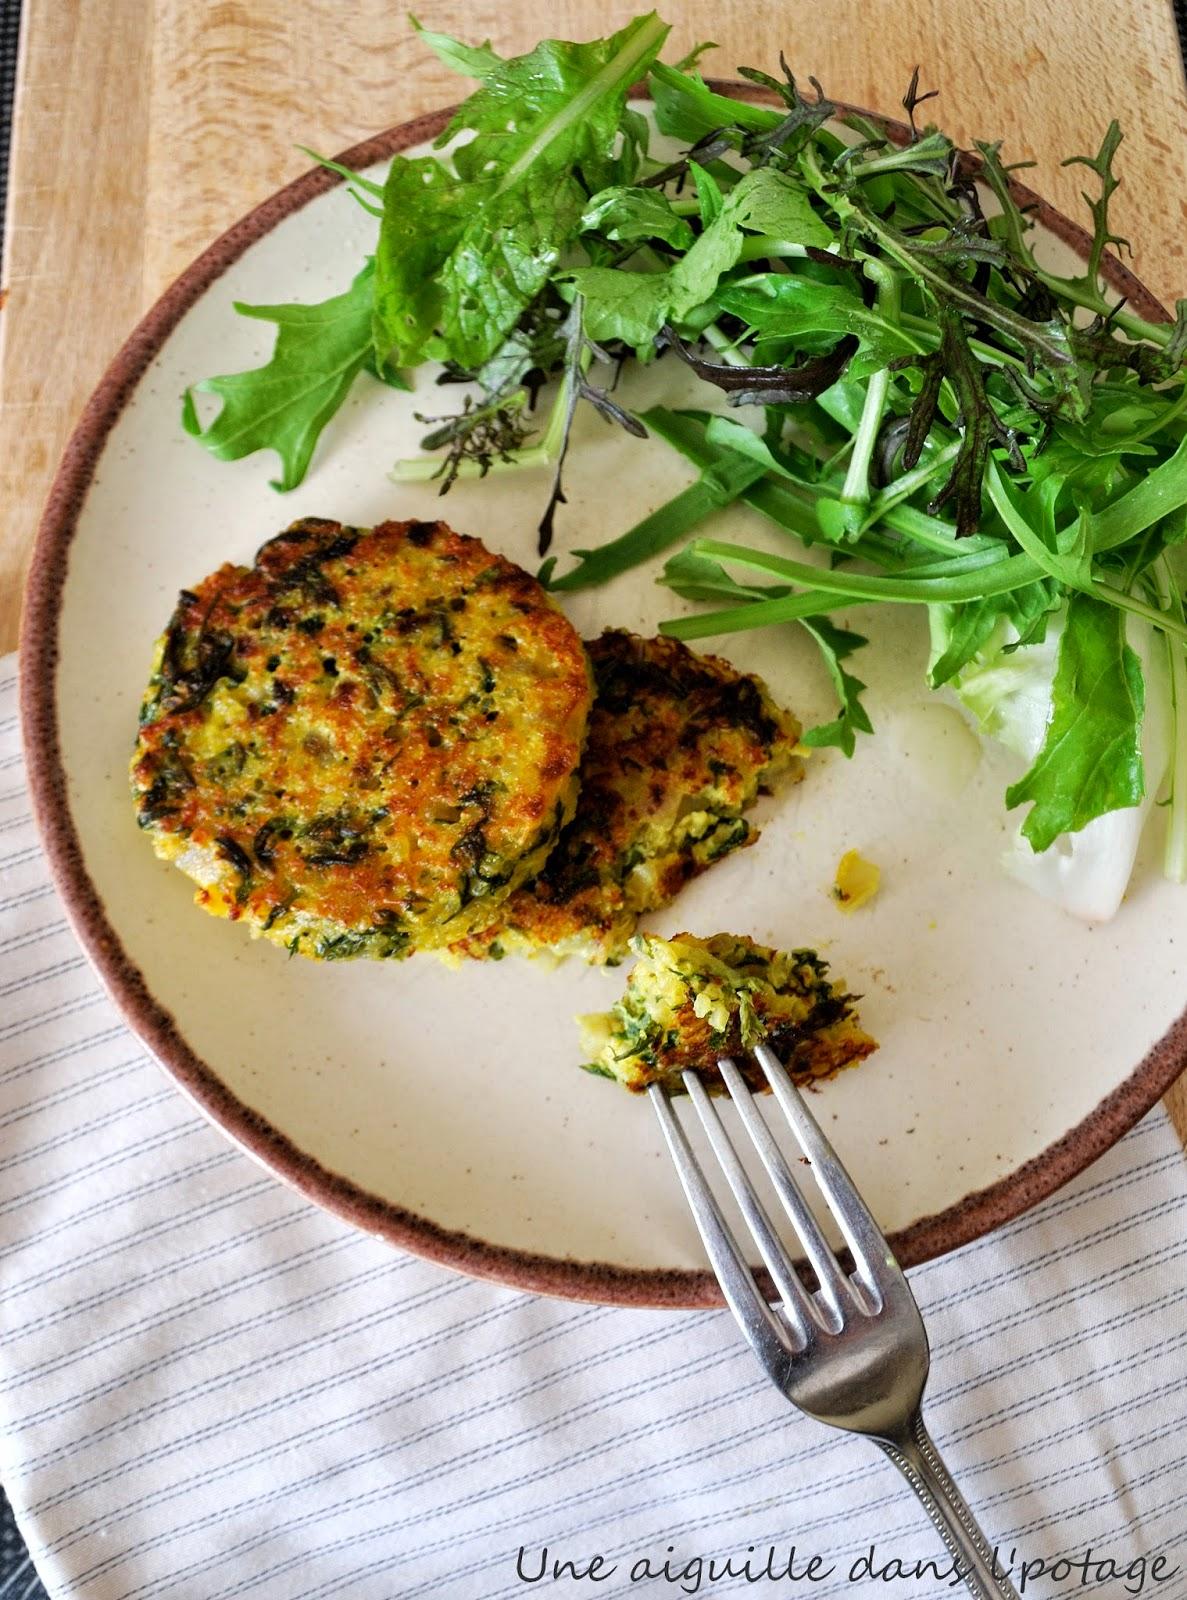 une aiguille dans l' potage: galettes de quinoa aux fanes de carotte